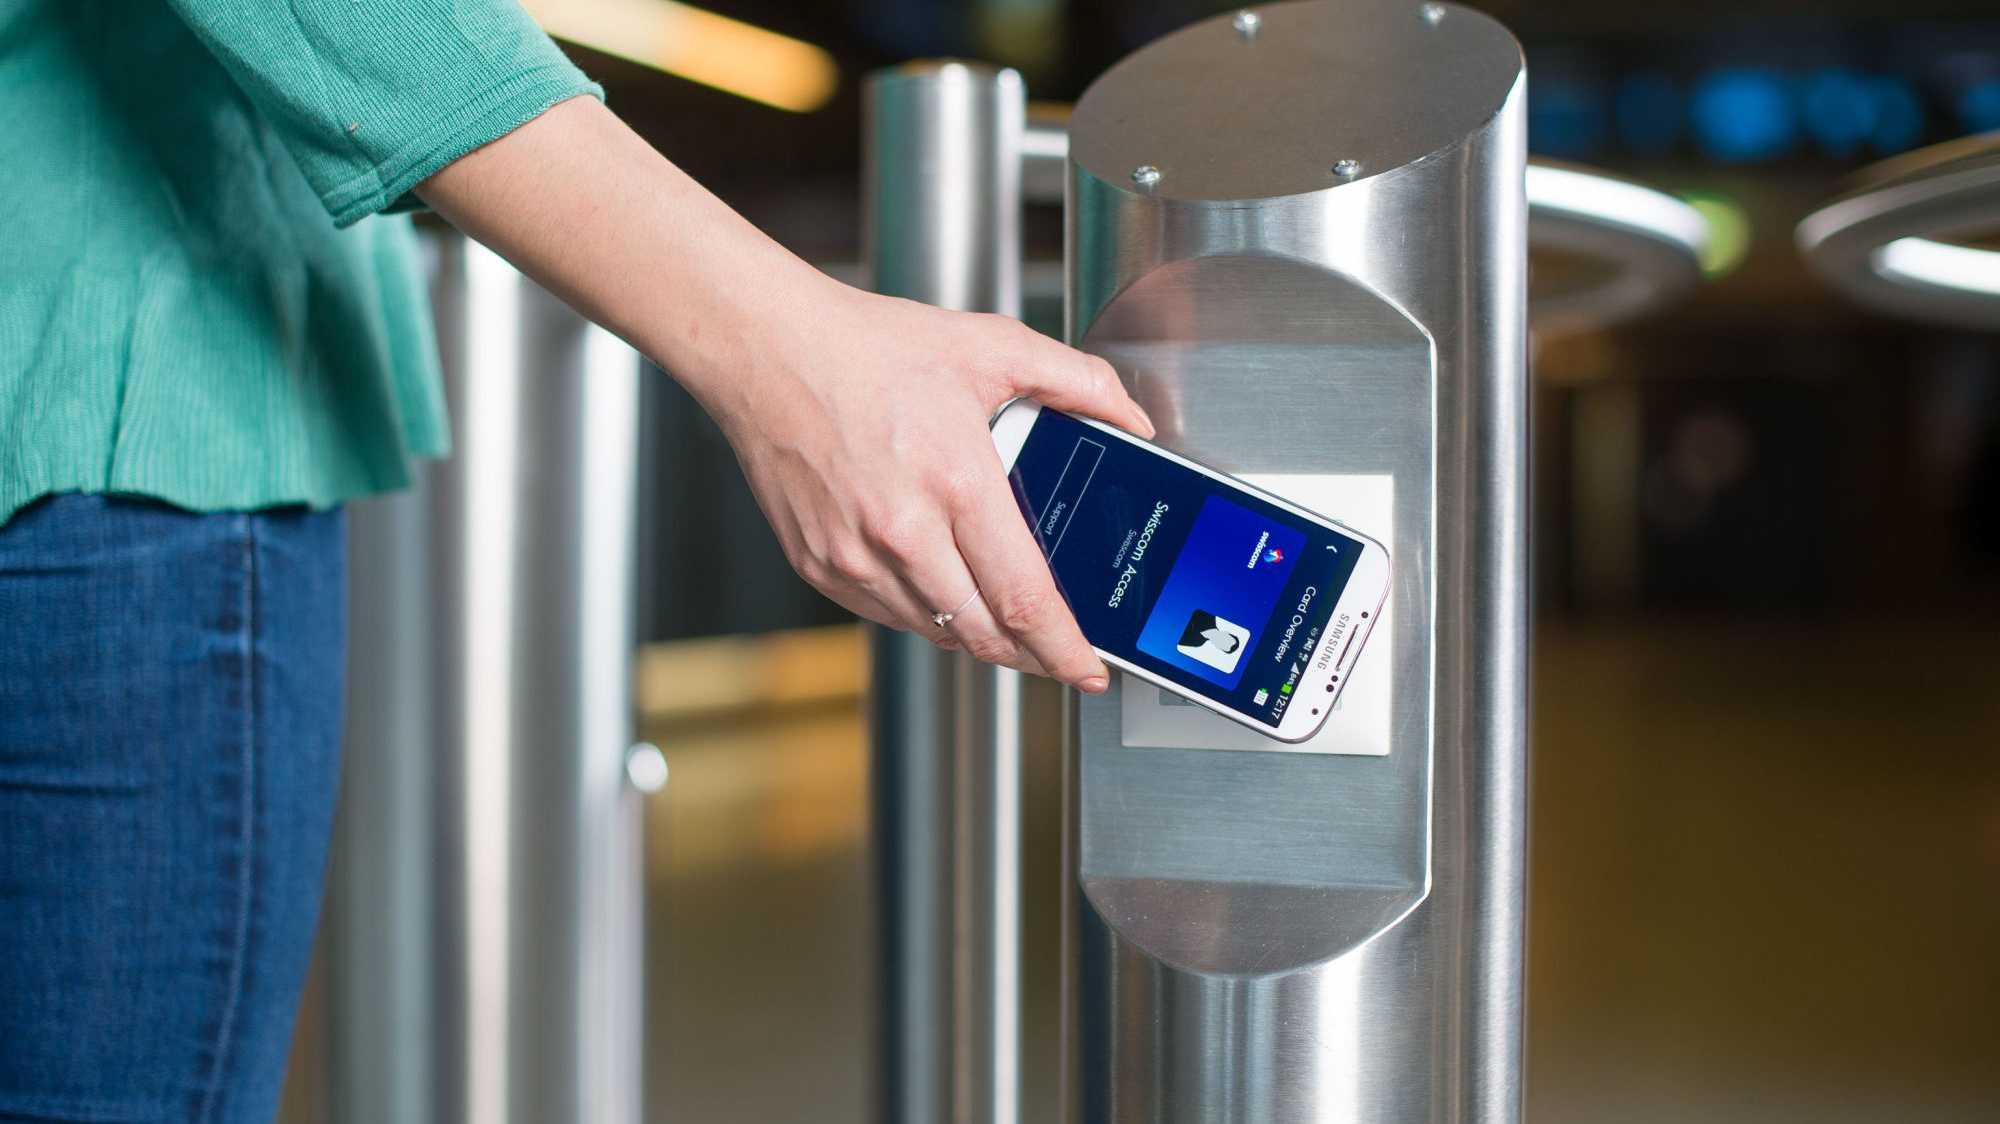 NFC-Bezahlsystem Tapit für die Eingangskontrolle